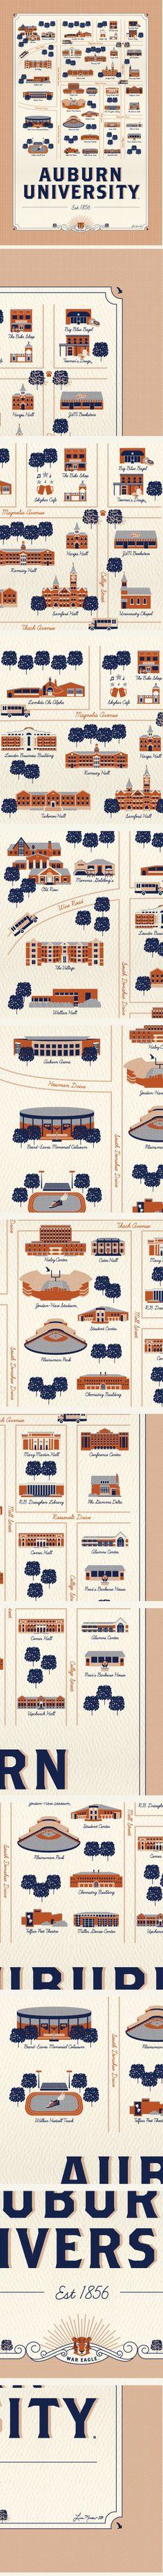 52 best Auburn images on Pinterest